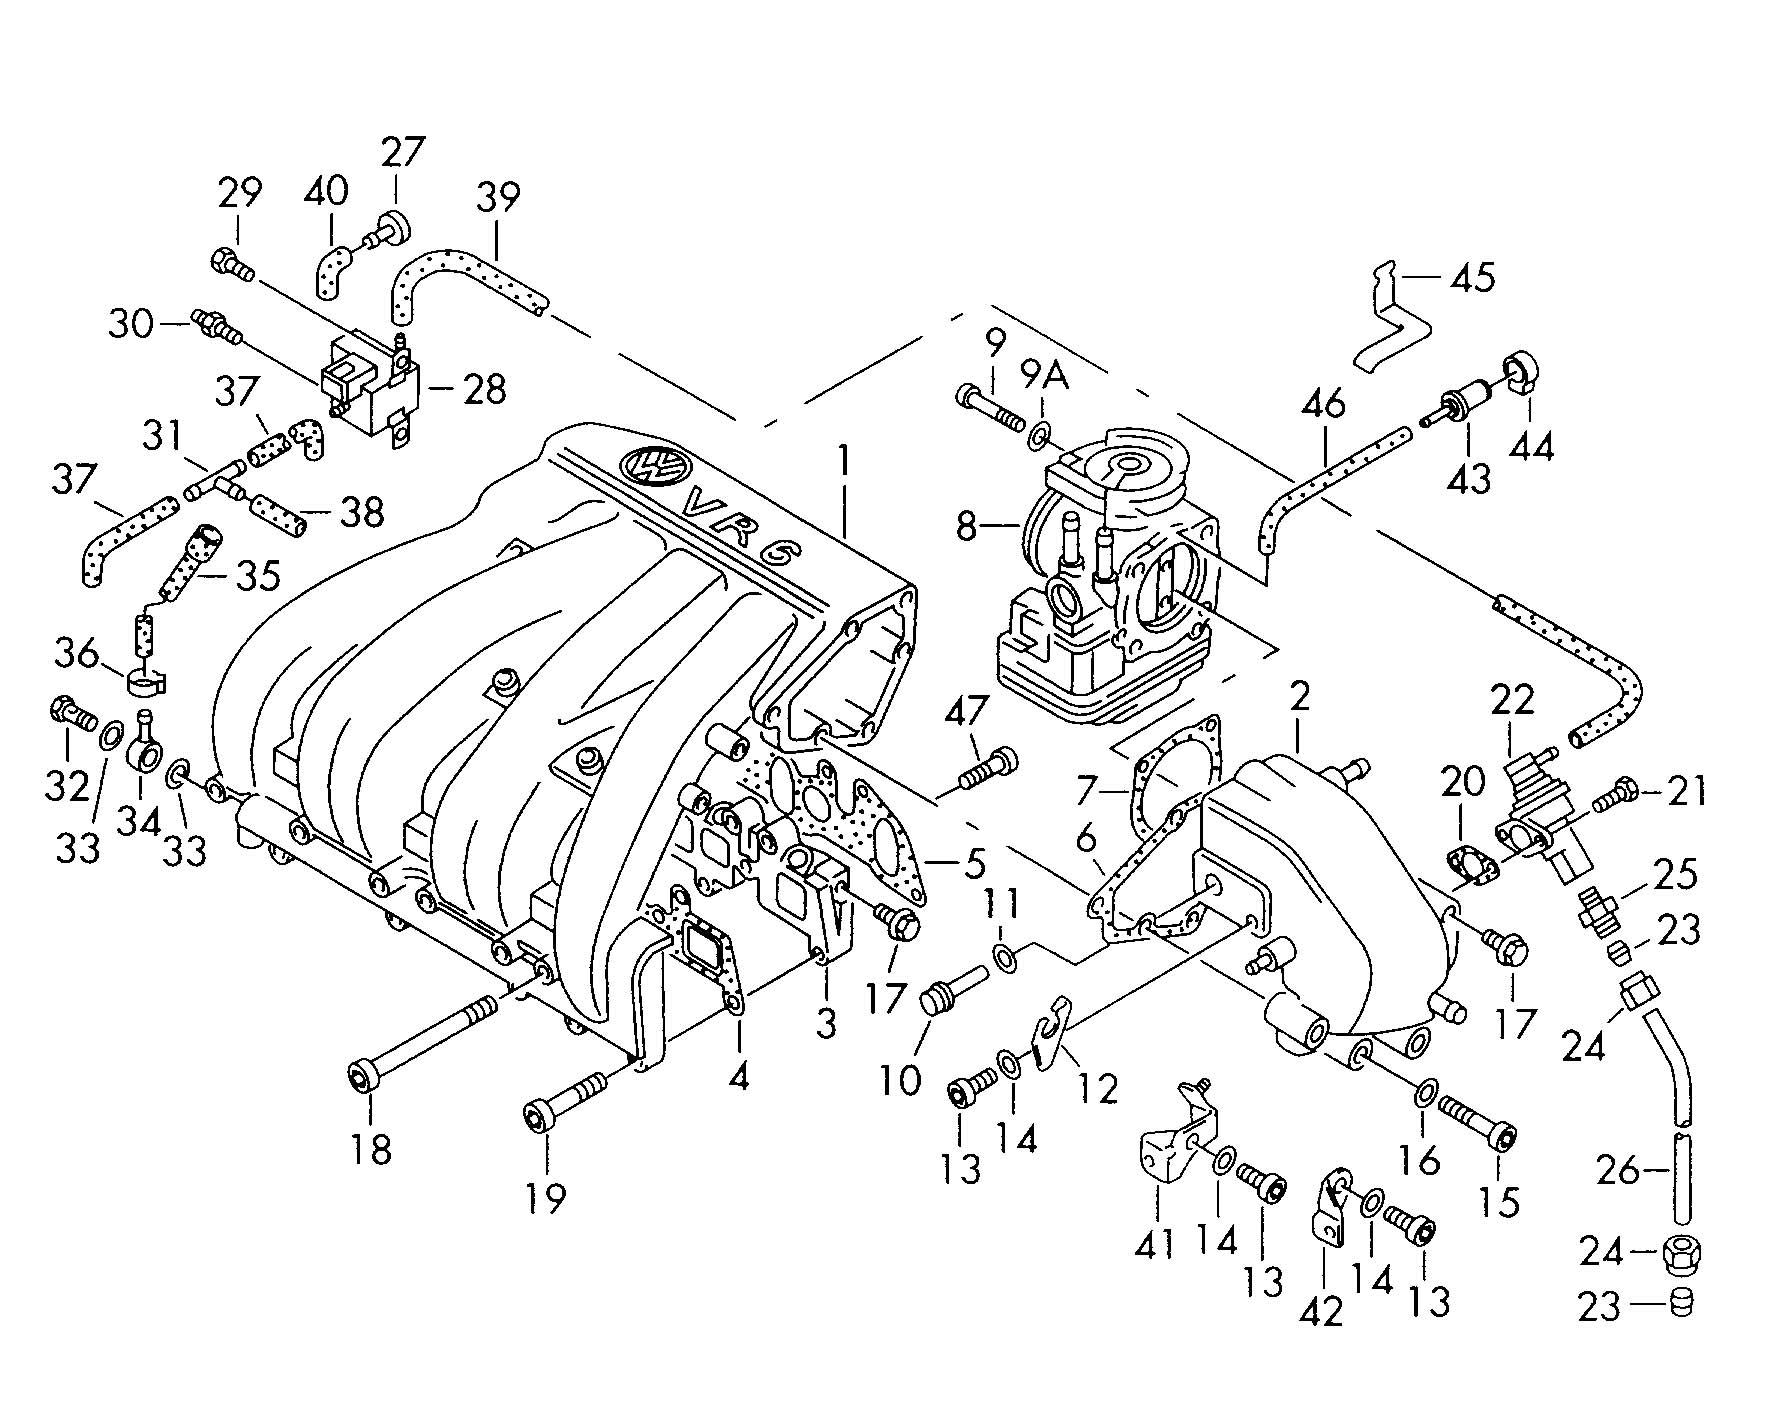 1996 volkswagen pat wiring diagrams  volkswagen  auto